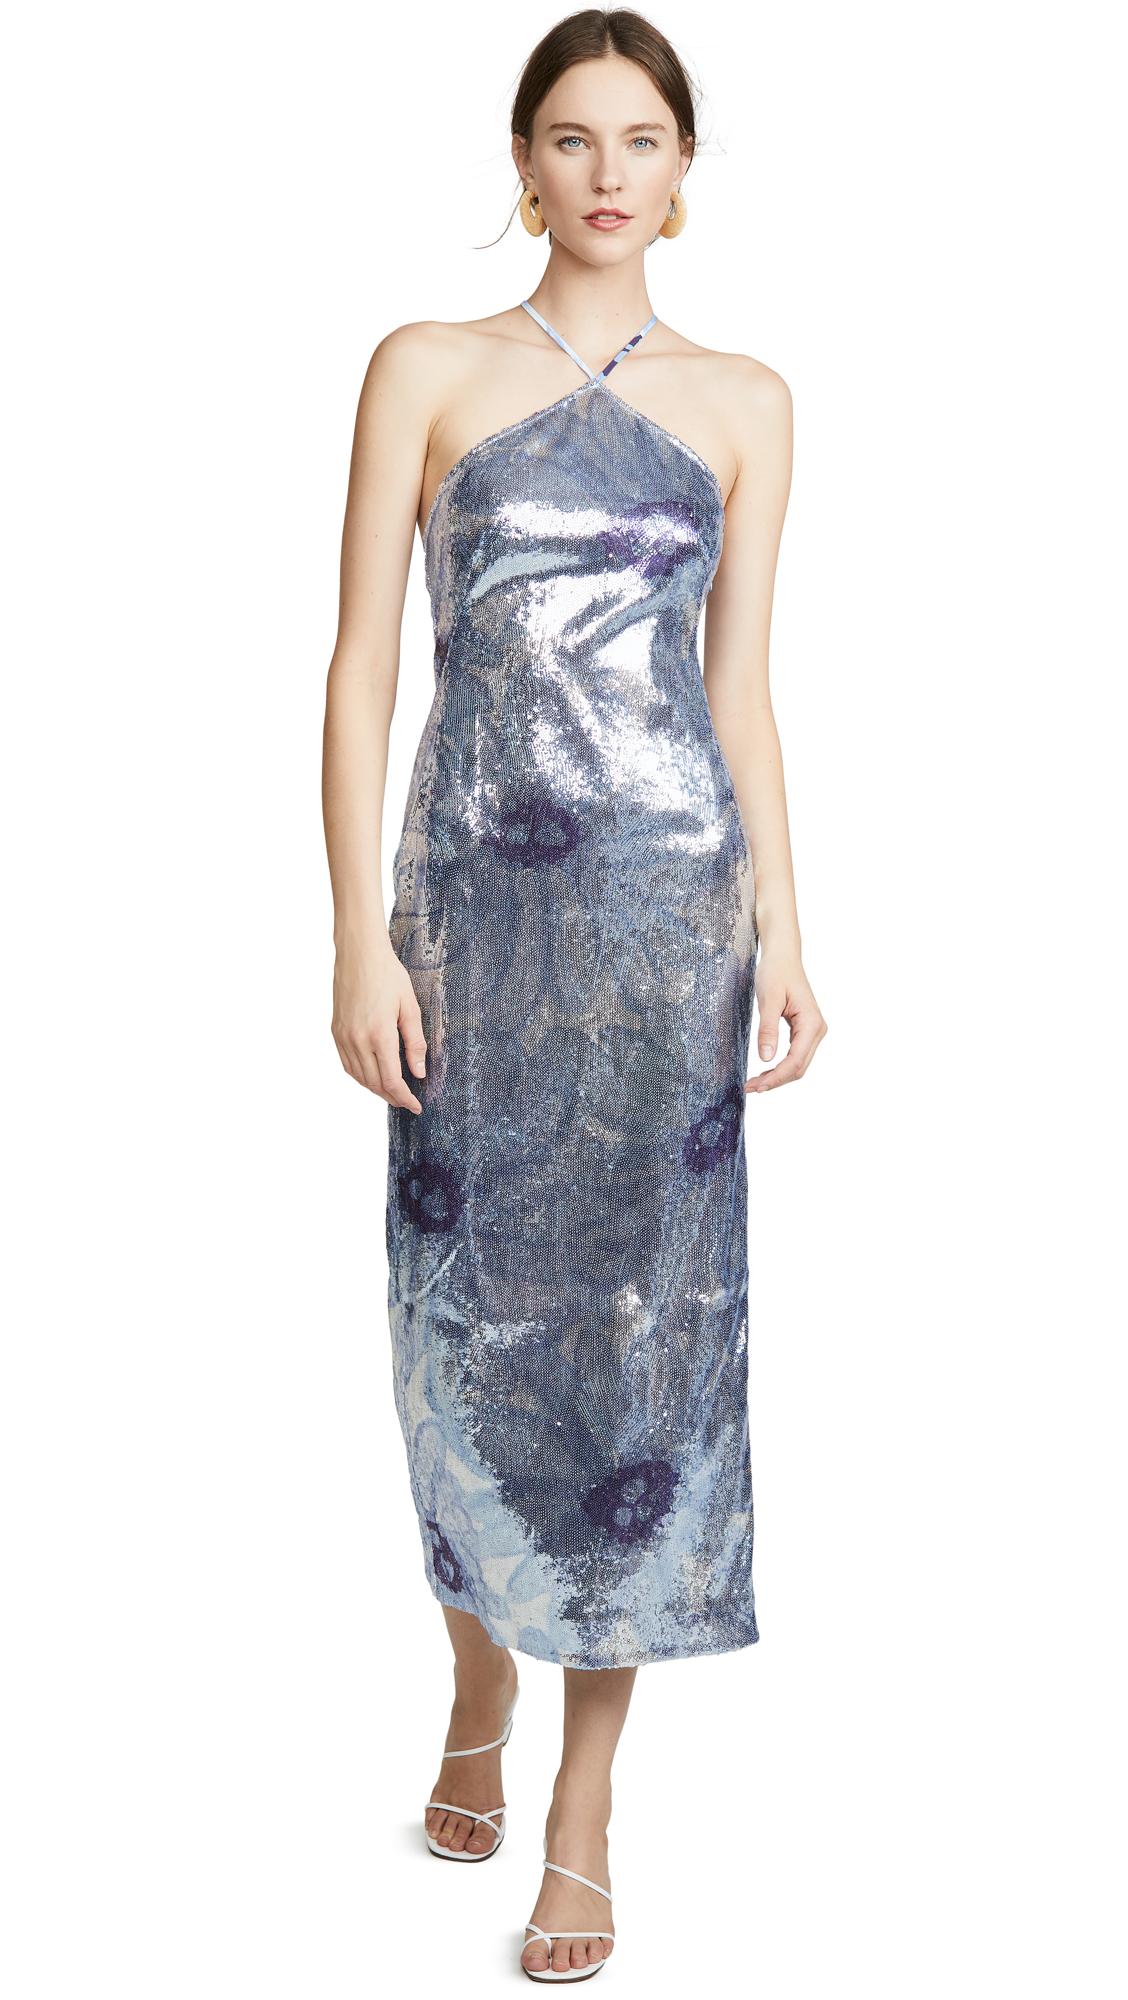 Jacquemus The Lavandou Dress - 40% Off Sale